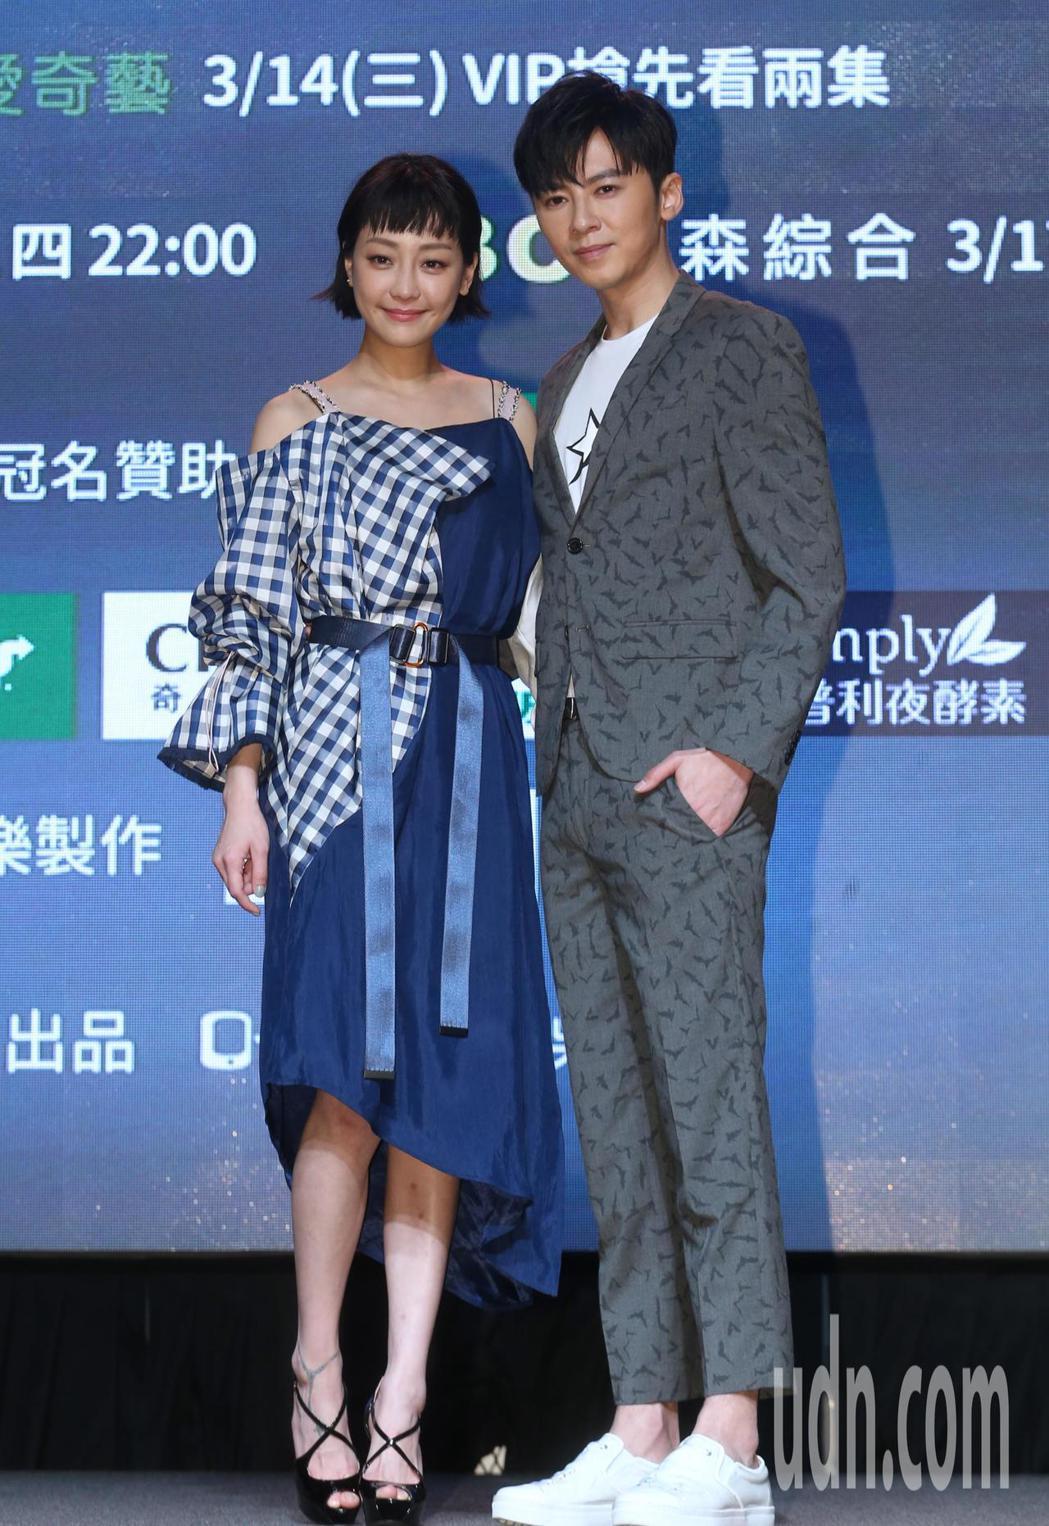 台劇「1006的房客」舉辦首映會,片中男女主角李國毅(右)、謝欣穎(左)出席活動...